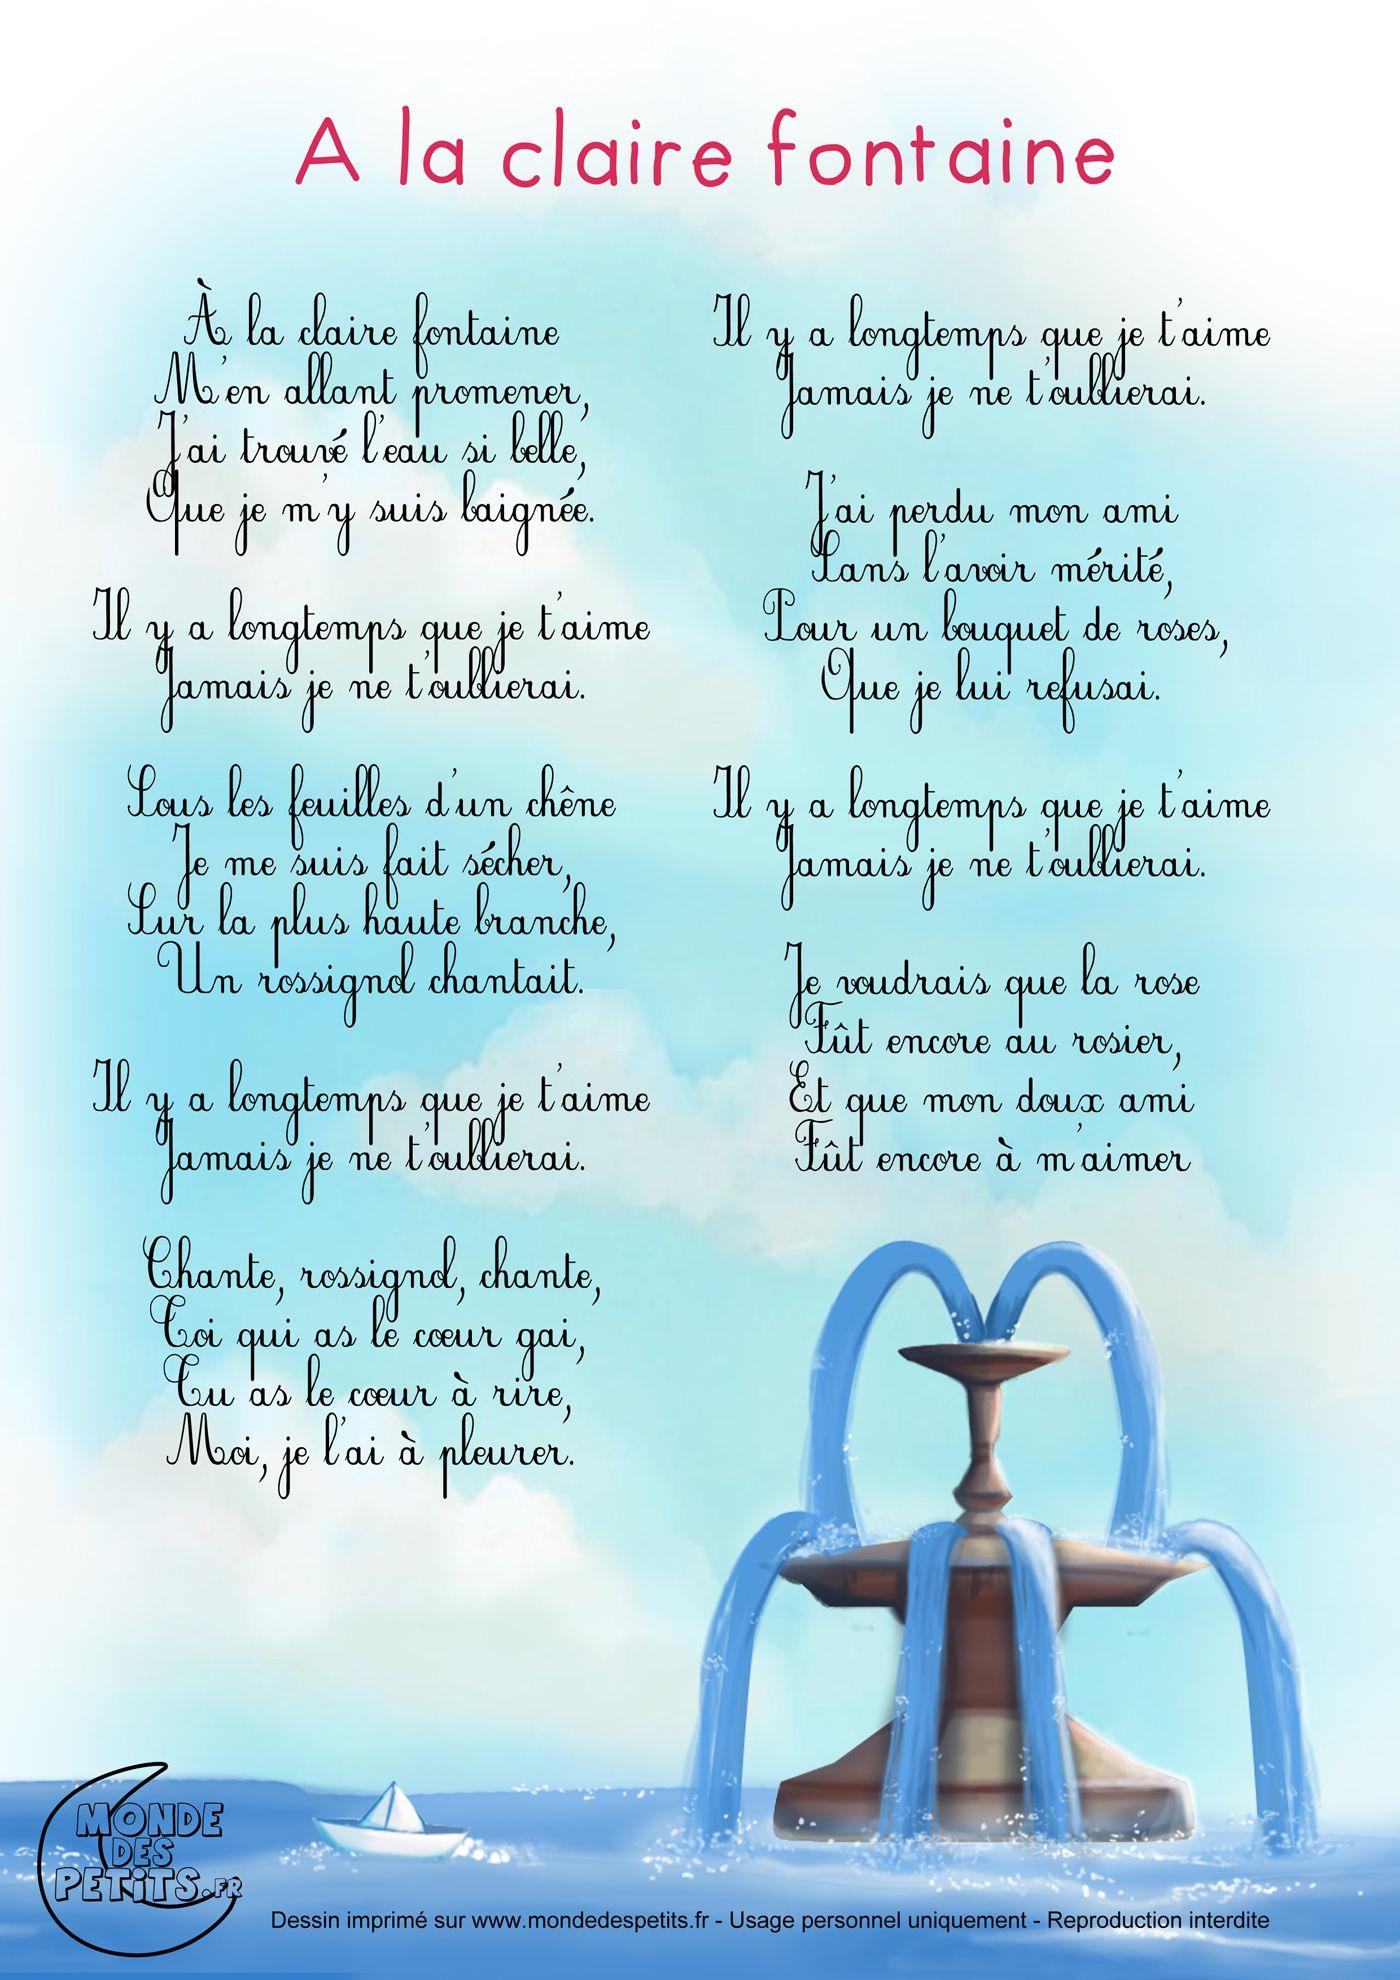 Uncategorized A La Claire Fontaine paroles et chanson a la claire fontaine les partition lorigine de fontaine